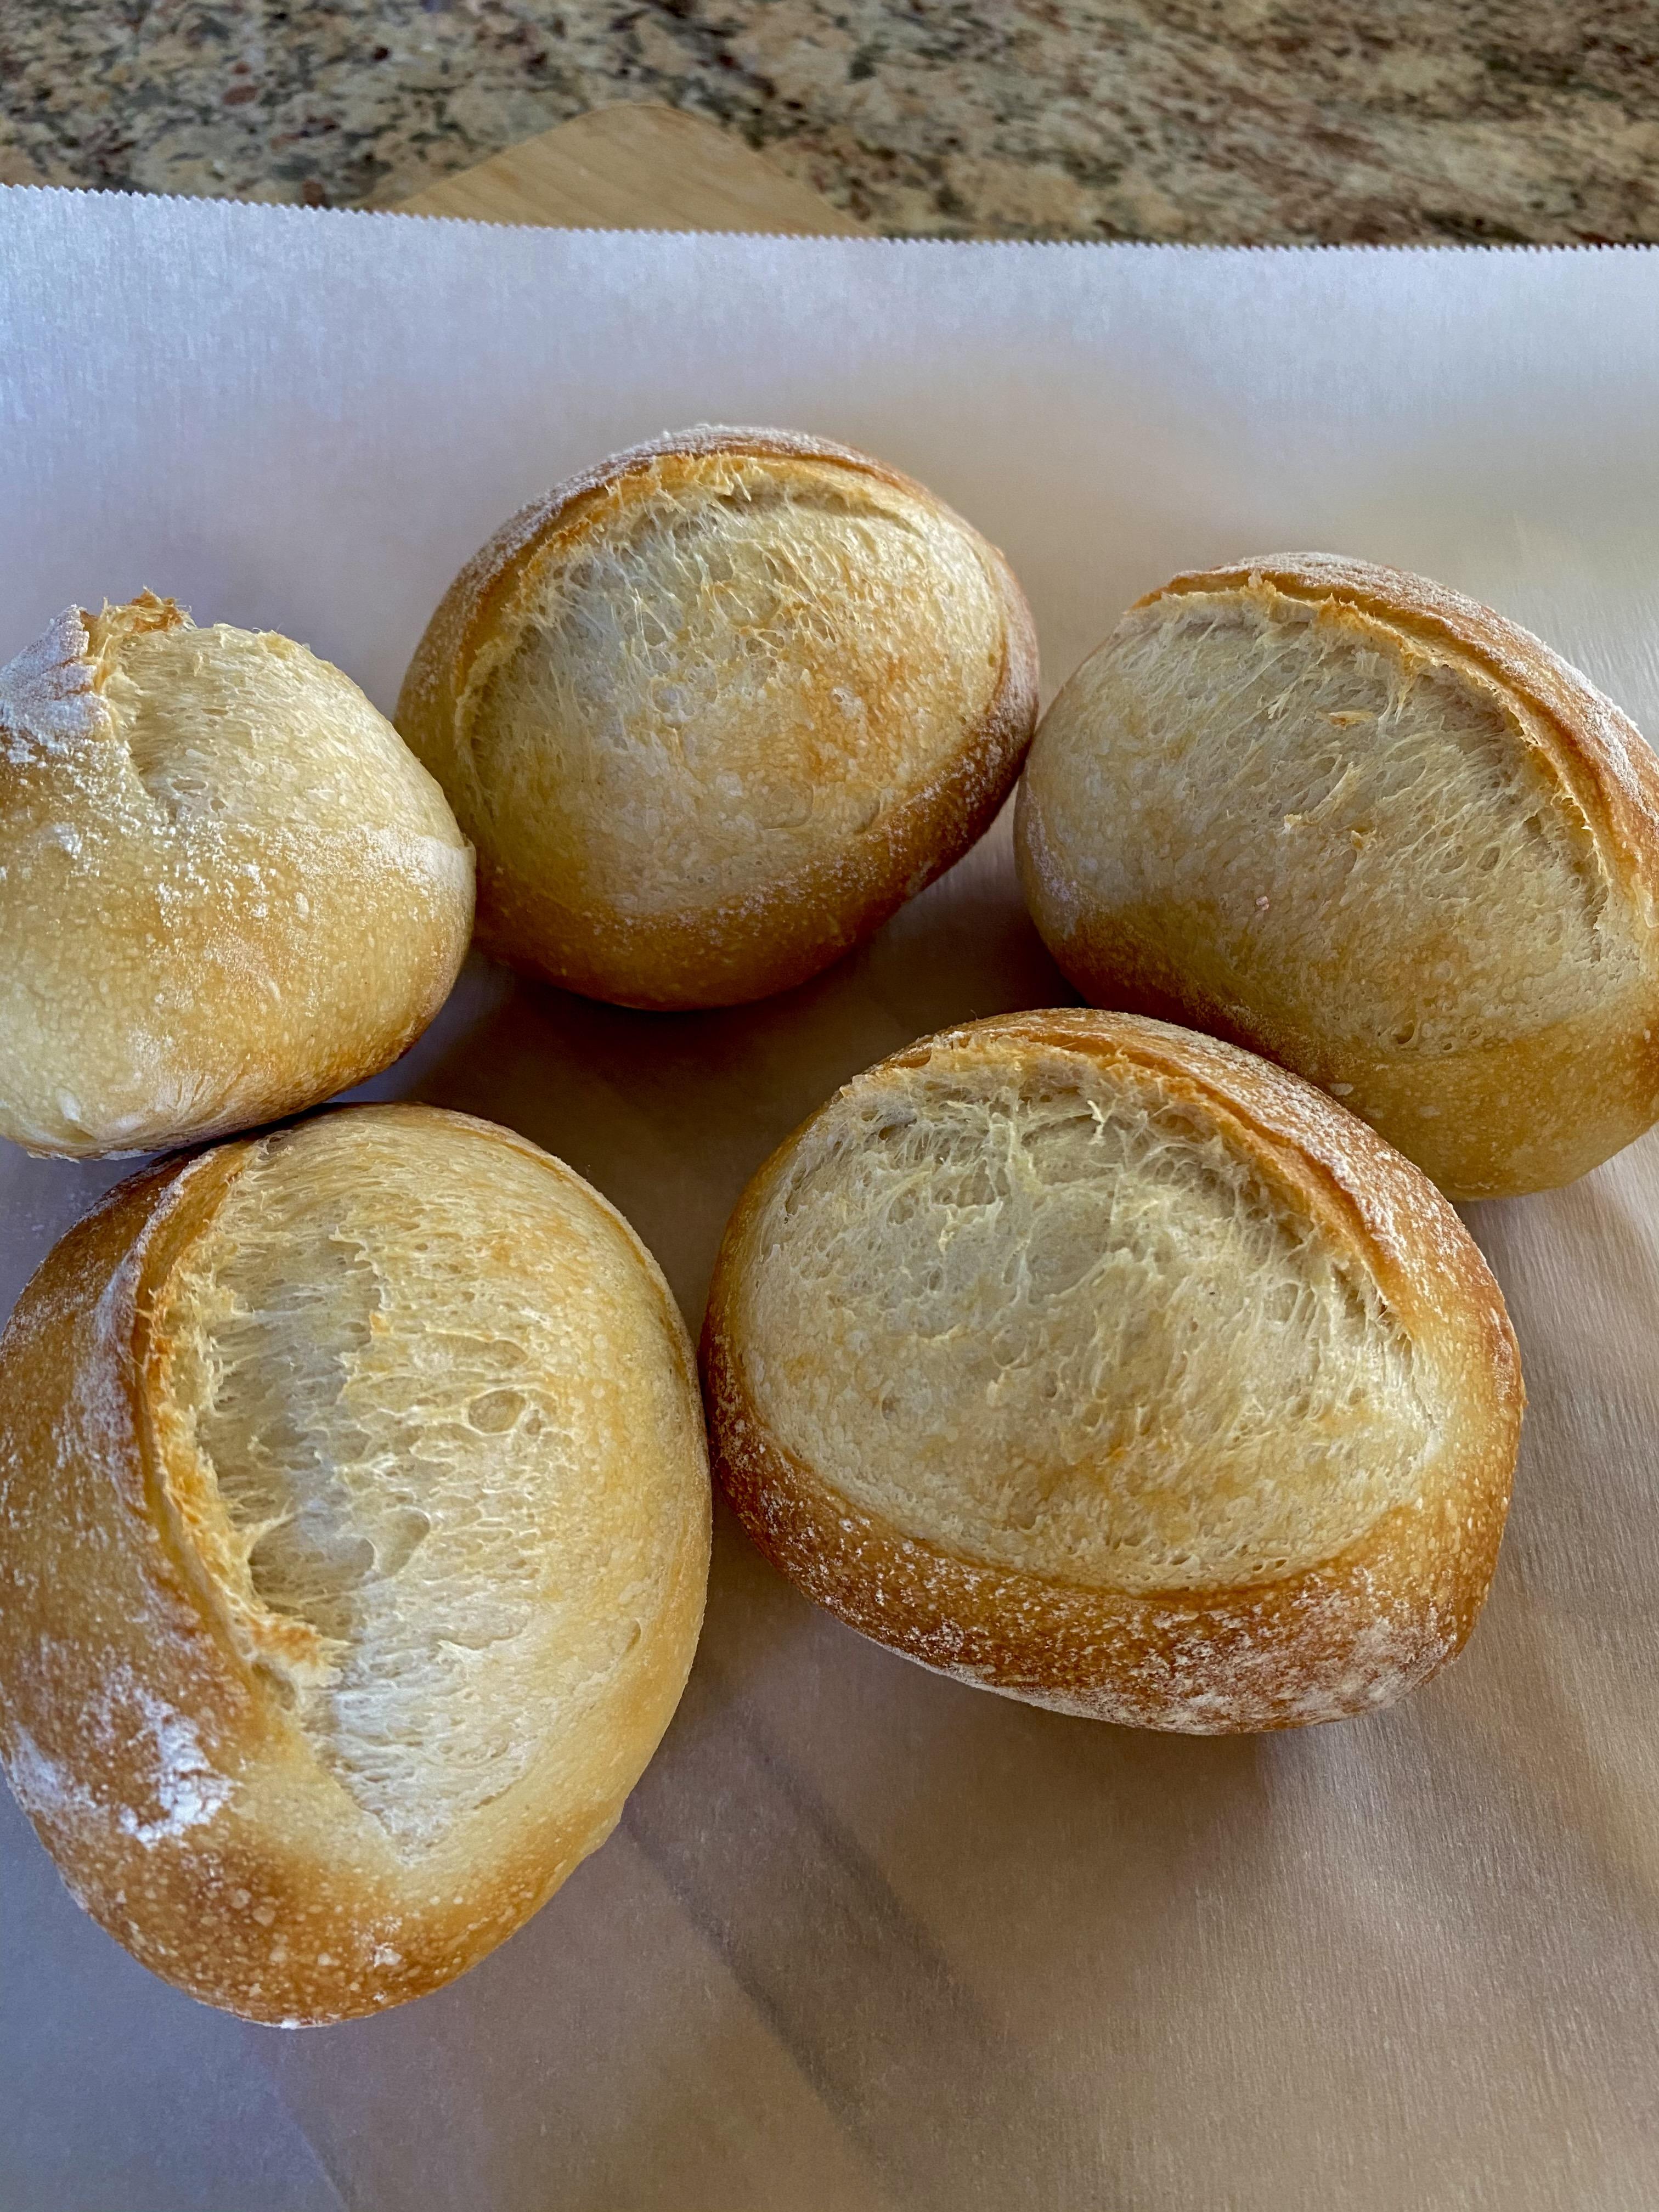 Bánh mì chả ăn vô ngất ngây xóm ơiiiiiiiiiiiiiiiiiiiiiiiiiiiiiiiii 21f3f5e948cfbf87bd6e8542cd9bb1a3